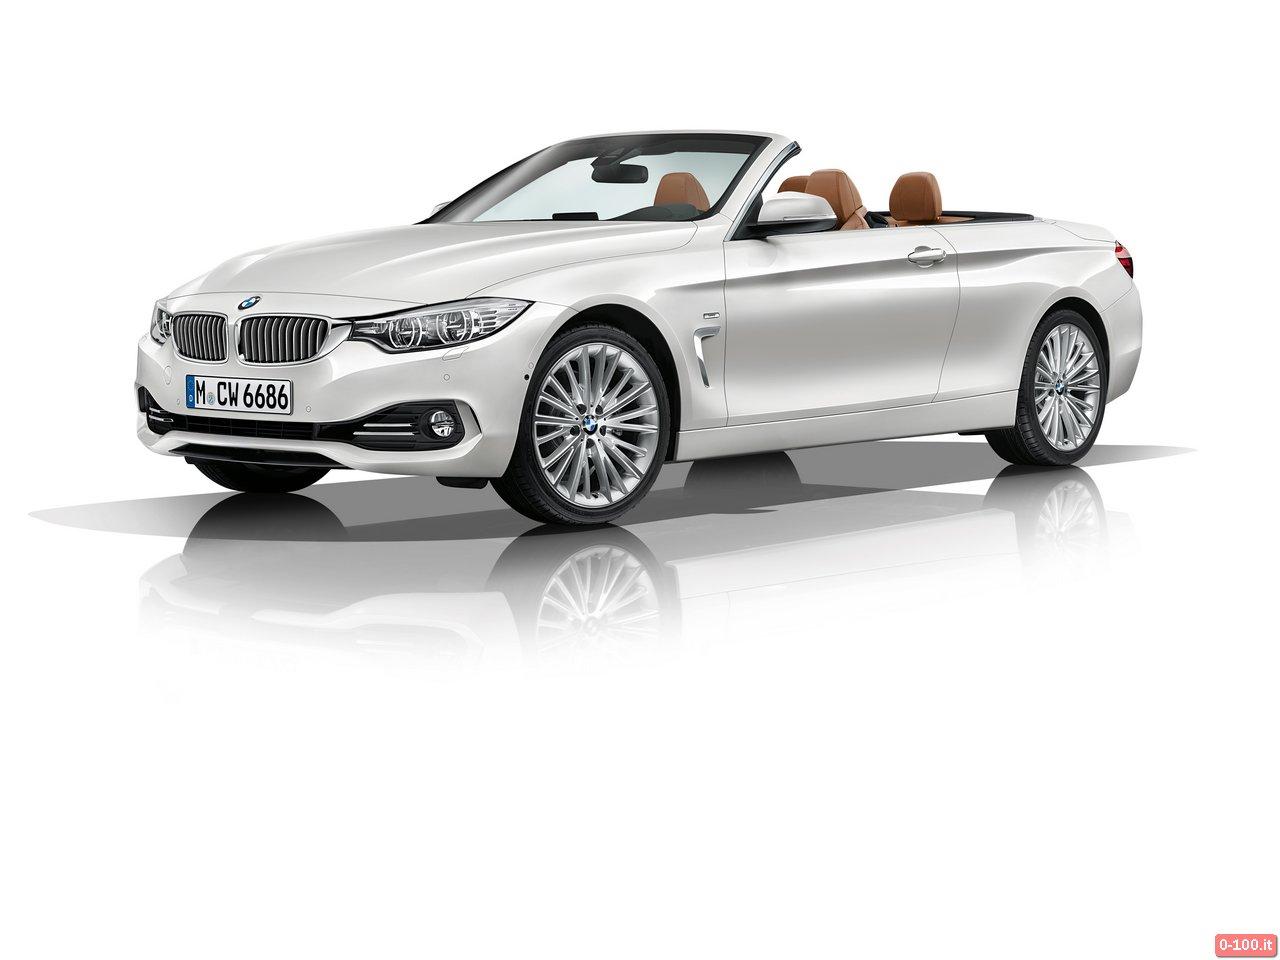 BMW-serie-4-cabrio-420d-428i-435i-cabrio_75